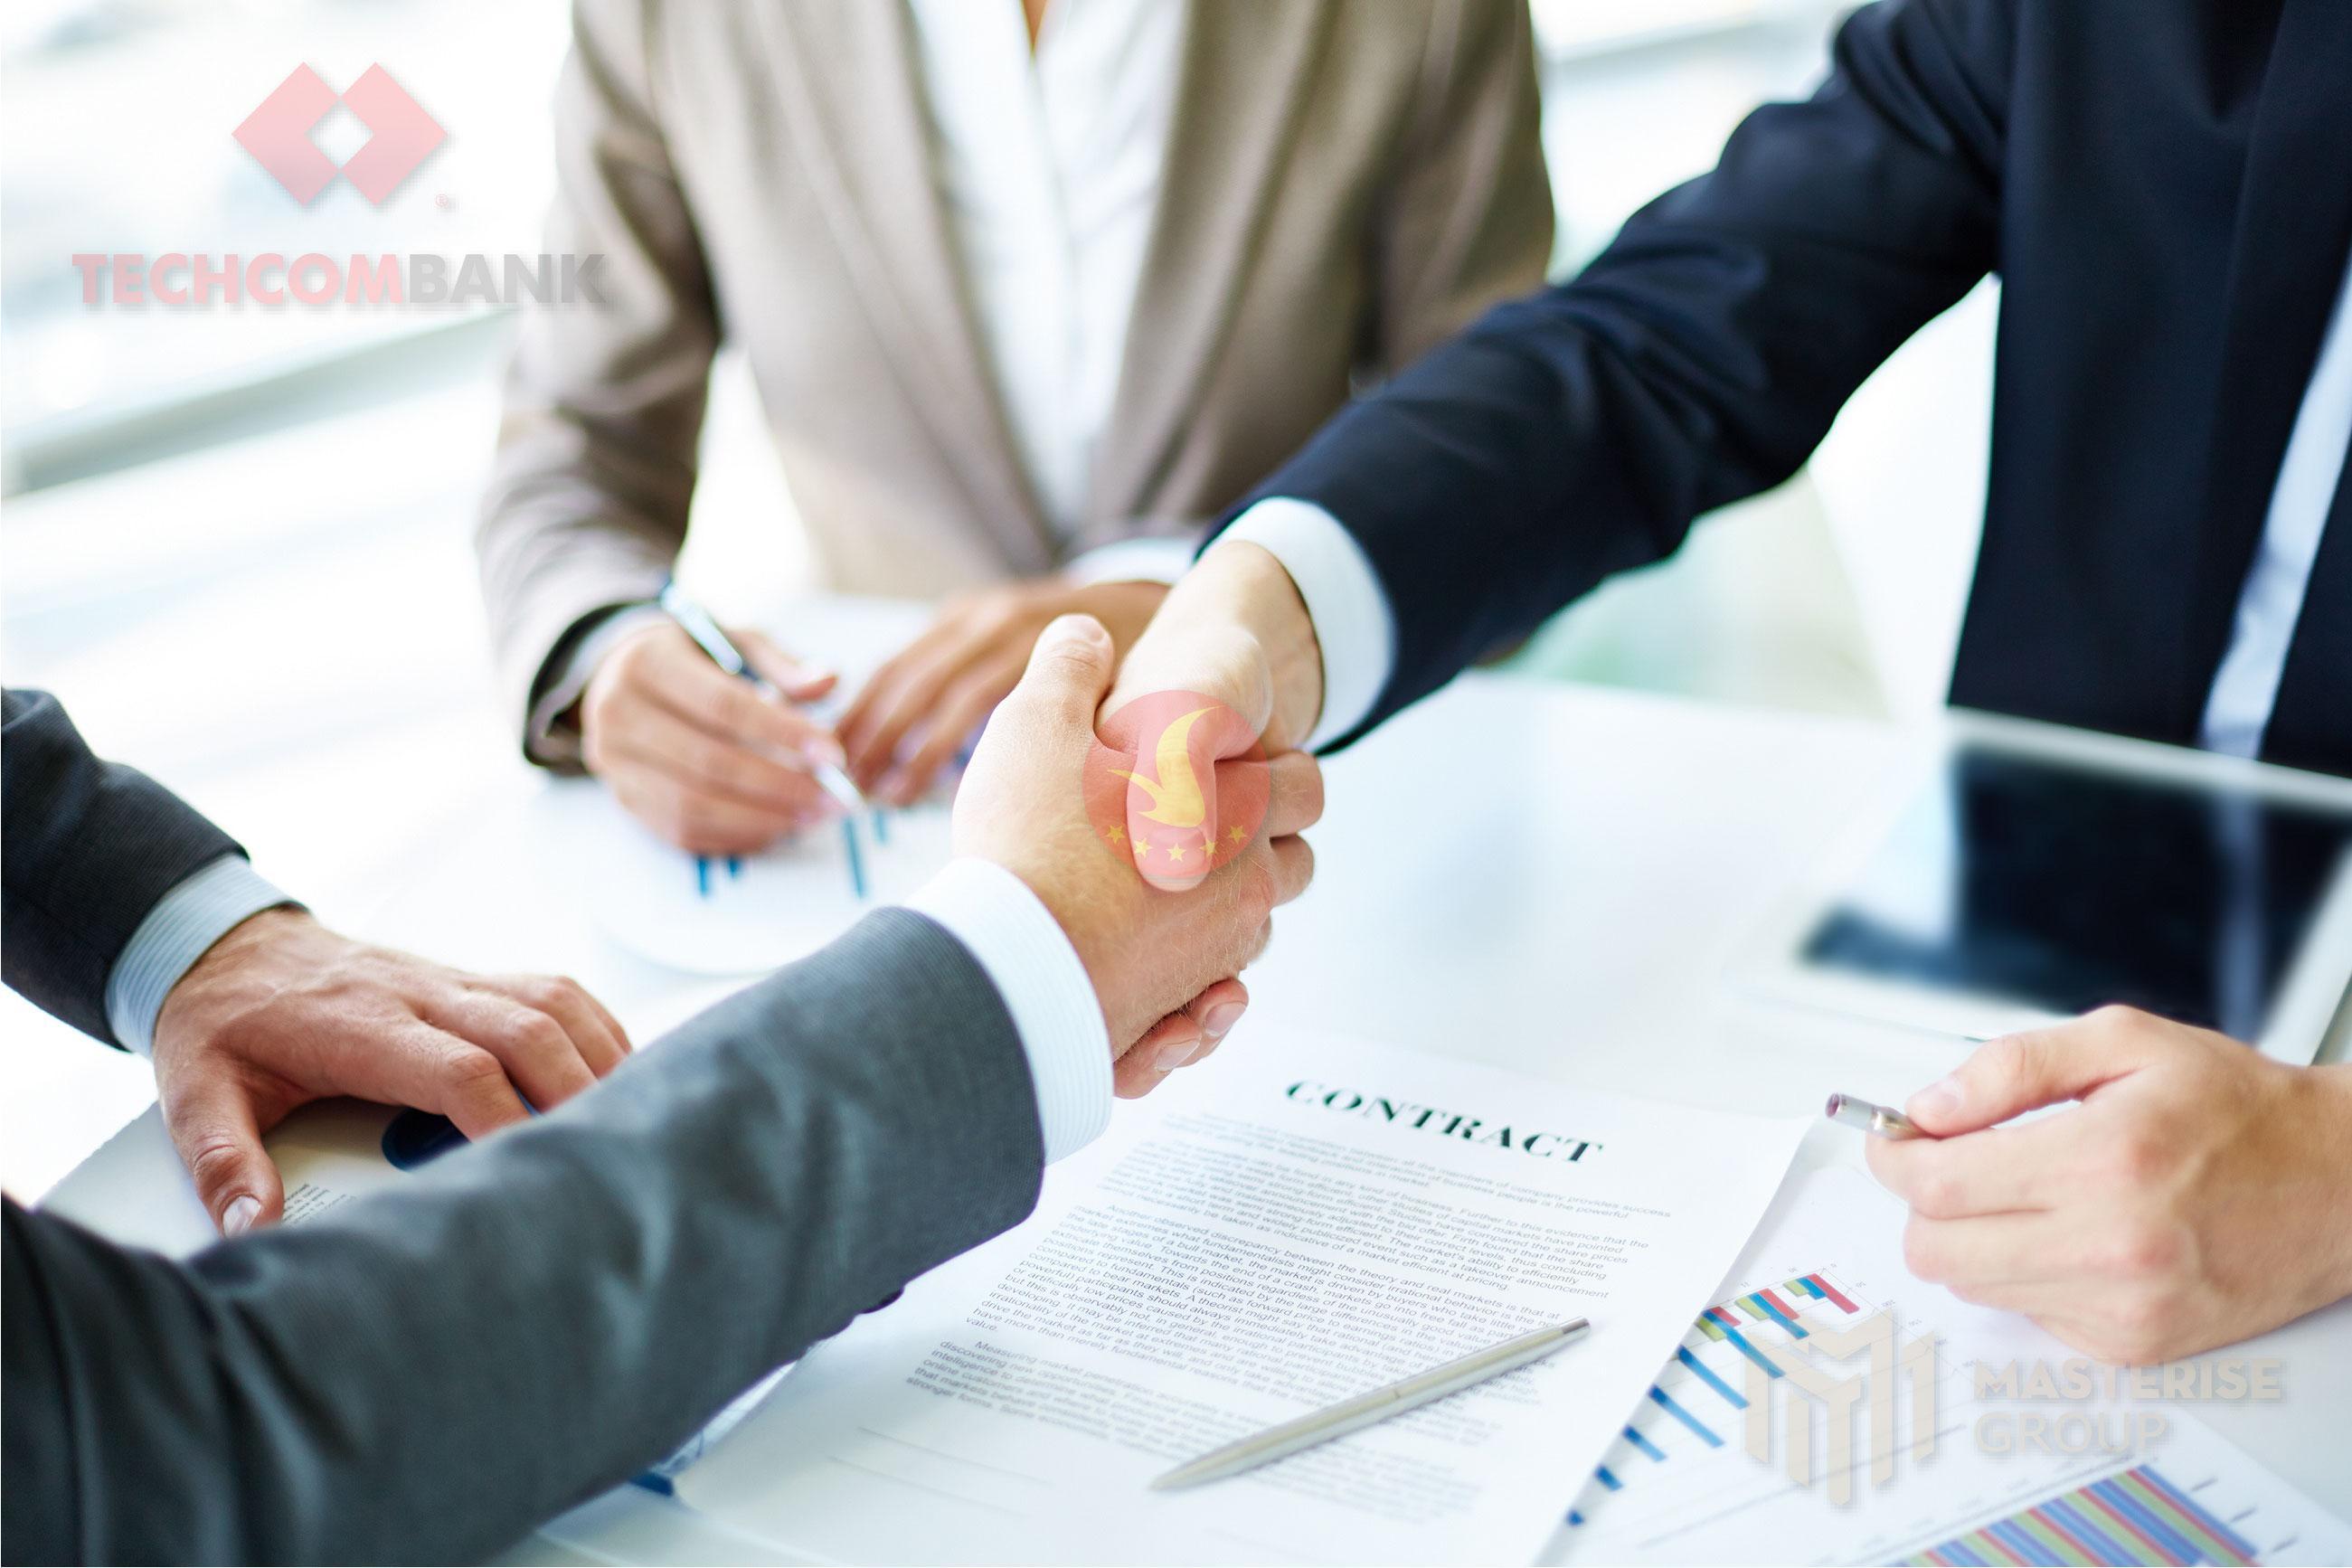 Sự hợp tác giữa Masteris Group, Techcombank và Vingroup